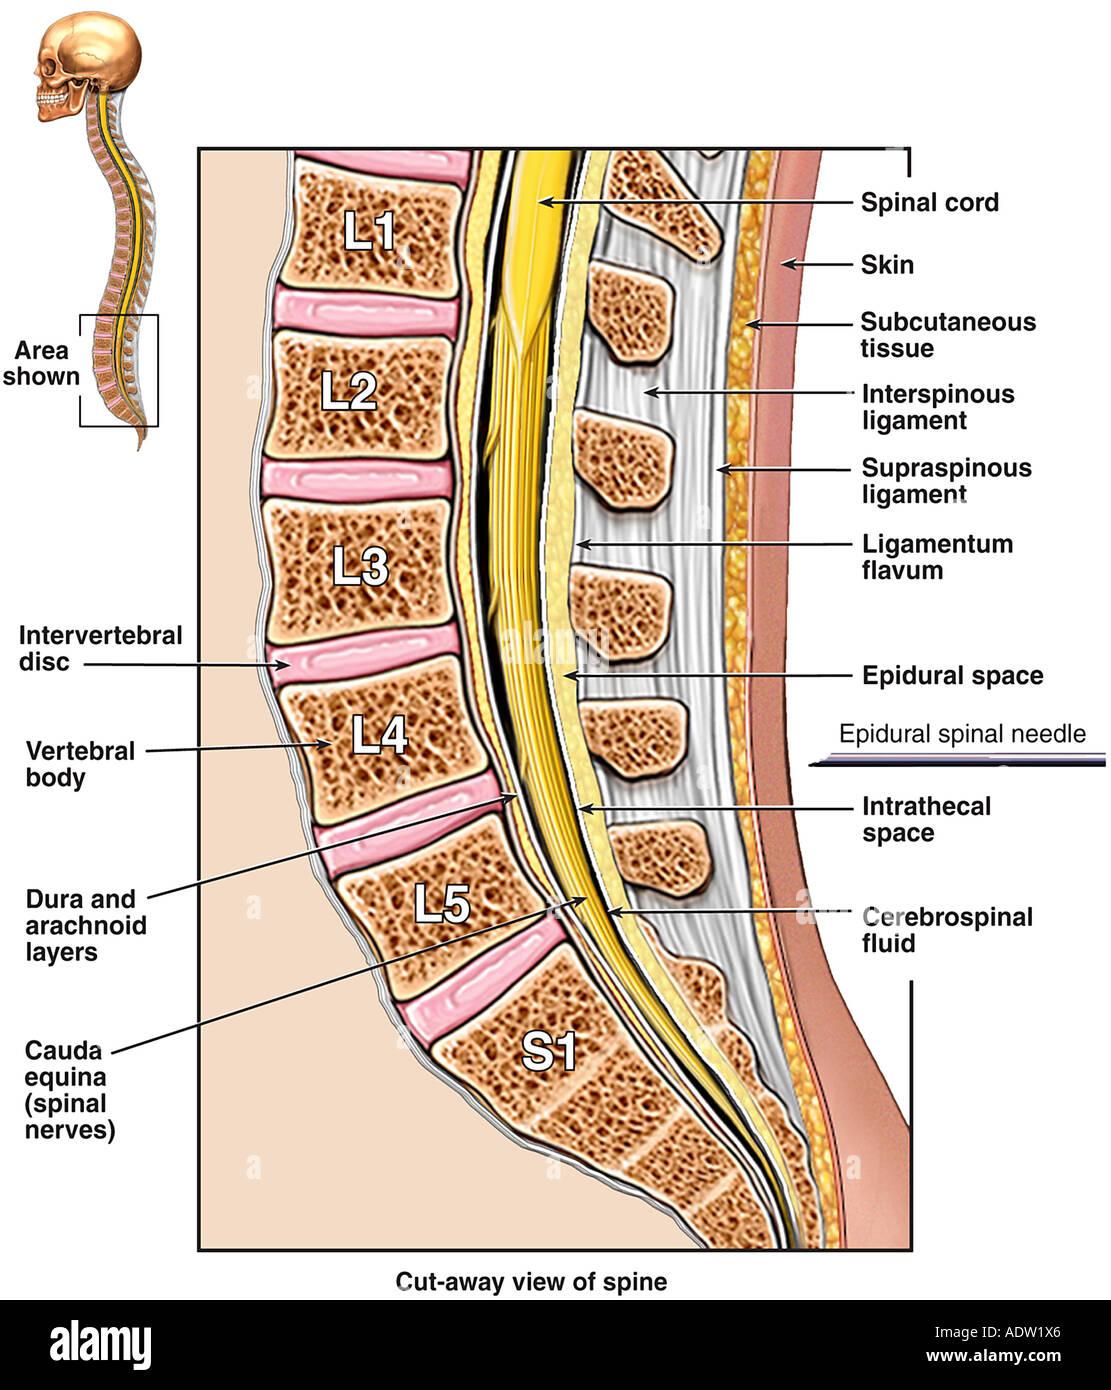 Anatomy of the Lumbosacral Spine Stock Photo: 7711333 - Alamy